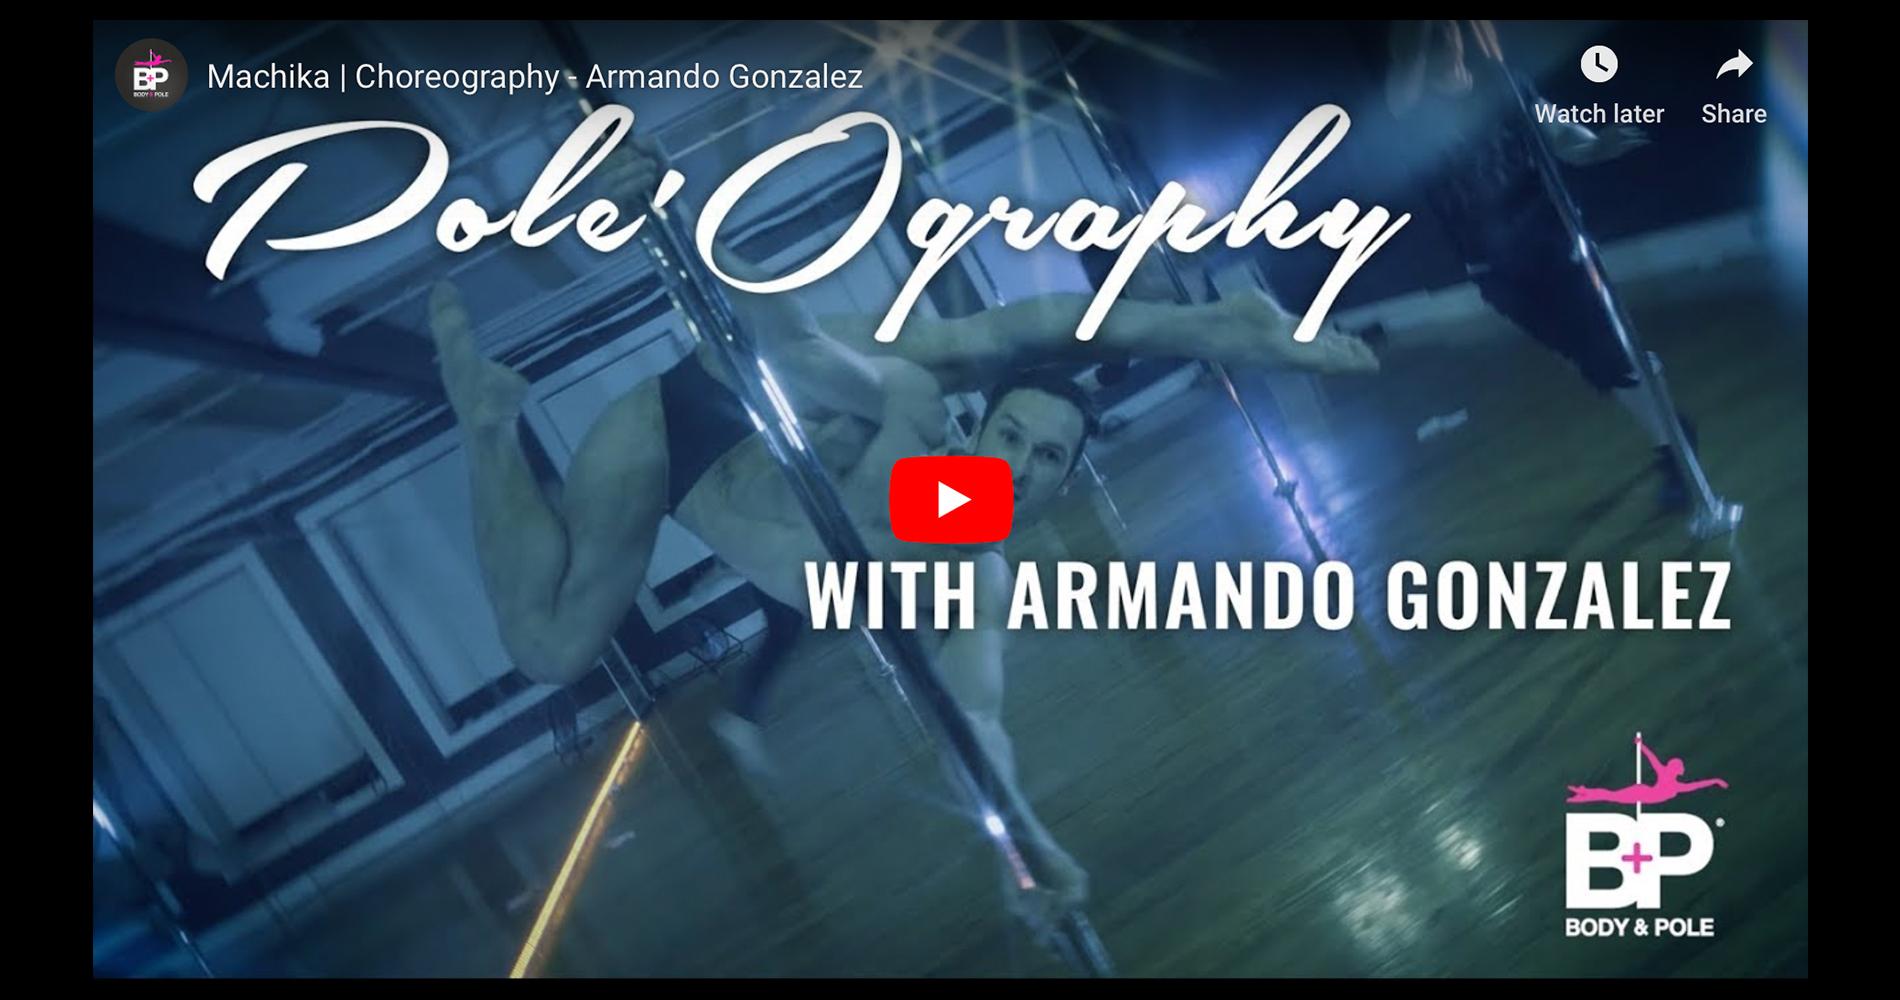 Machika | Choreography – Armando Gonzalez